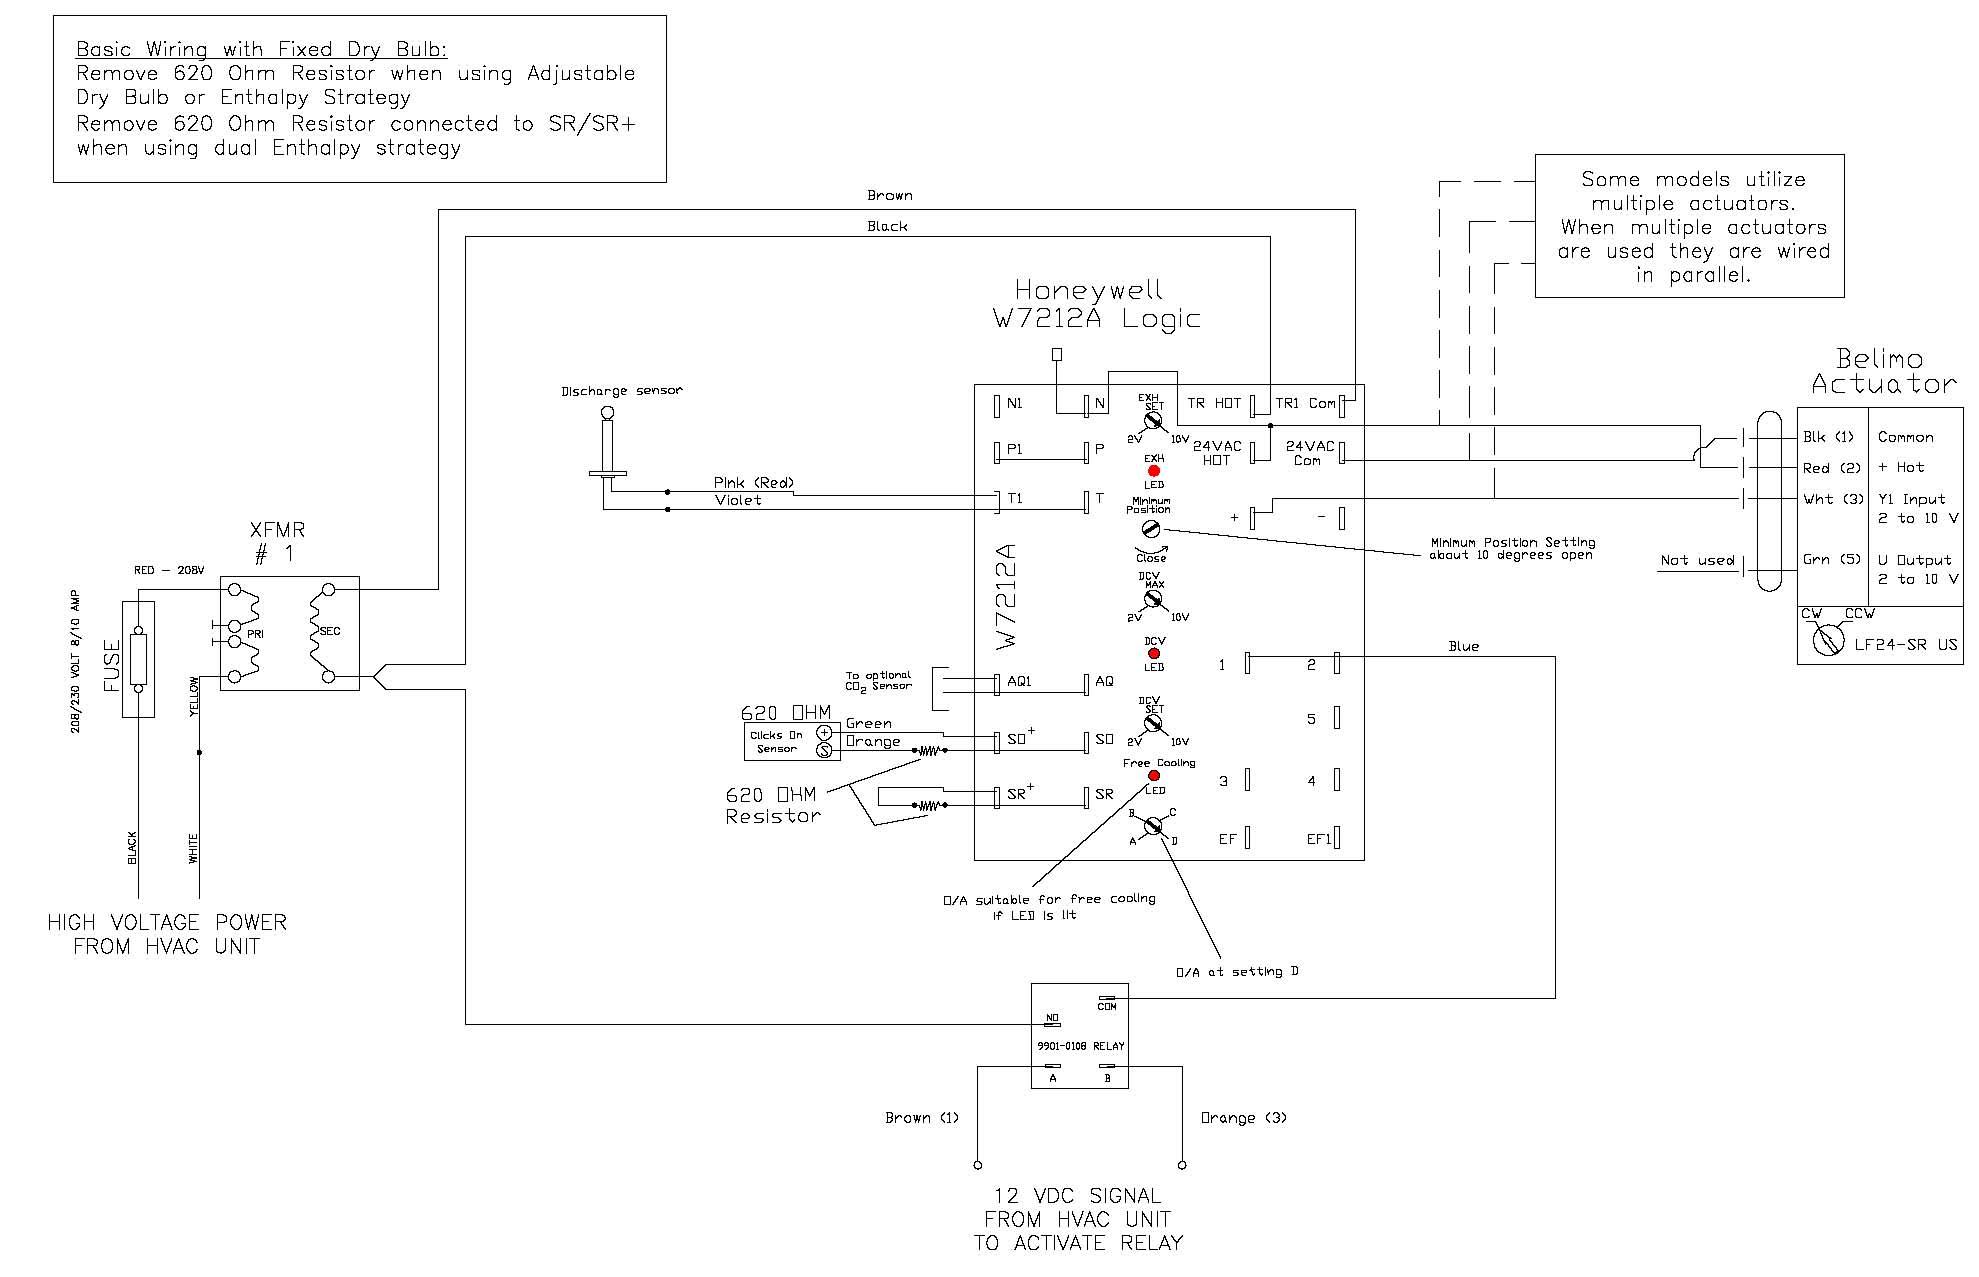 economizer wiring diagram schematic wiring diagram bard economizer wiring diagram economizer wiring diagram #1